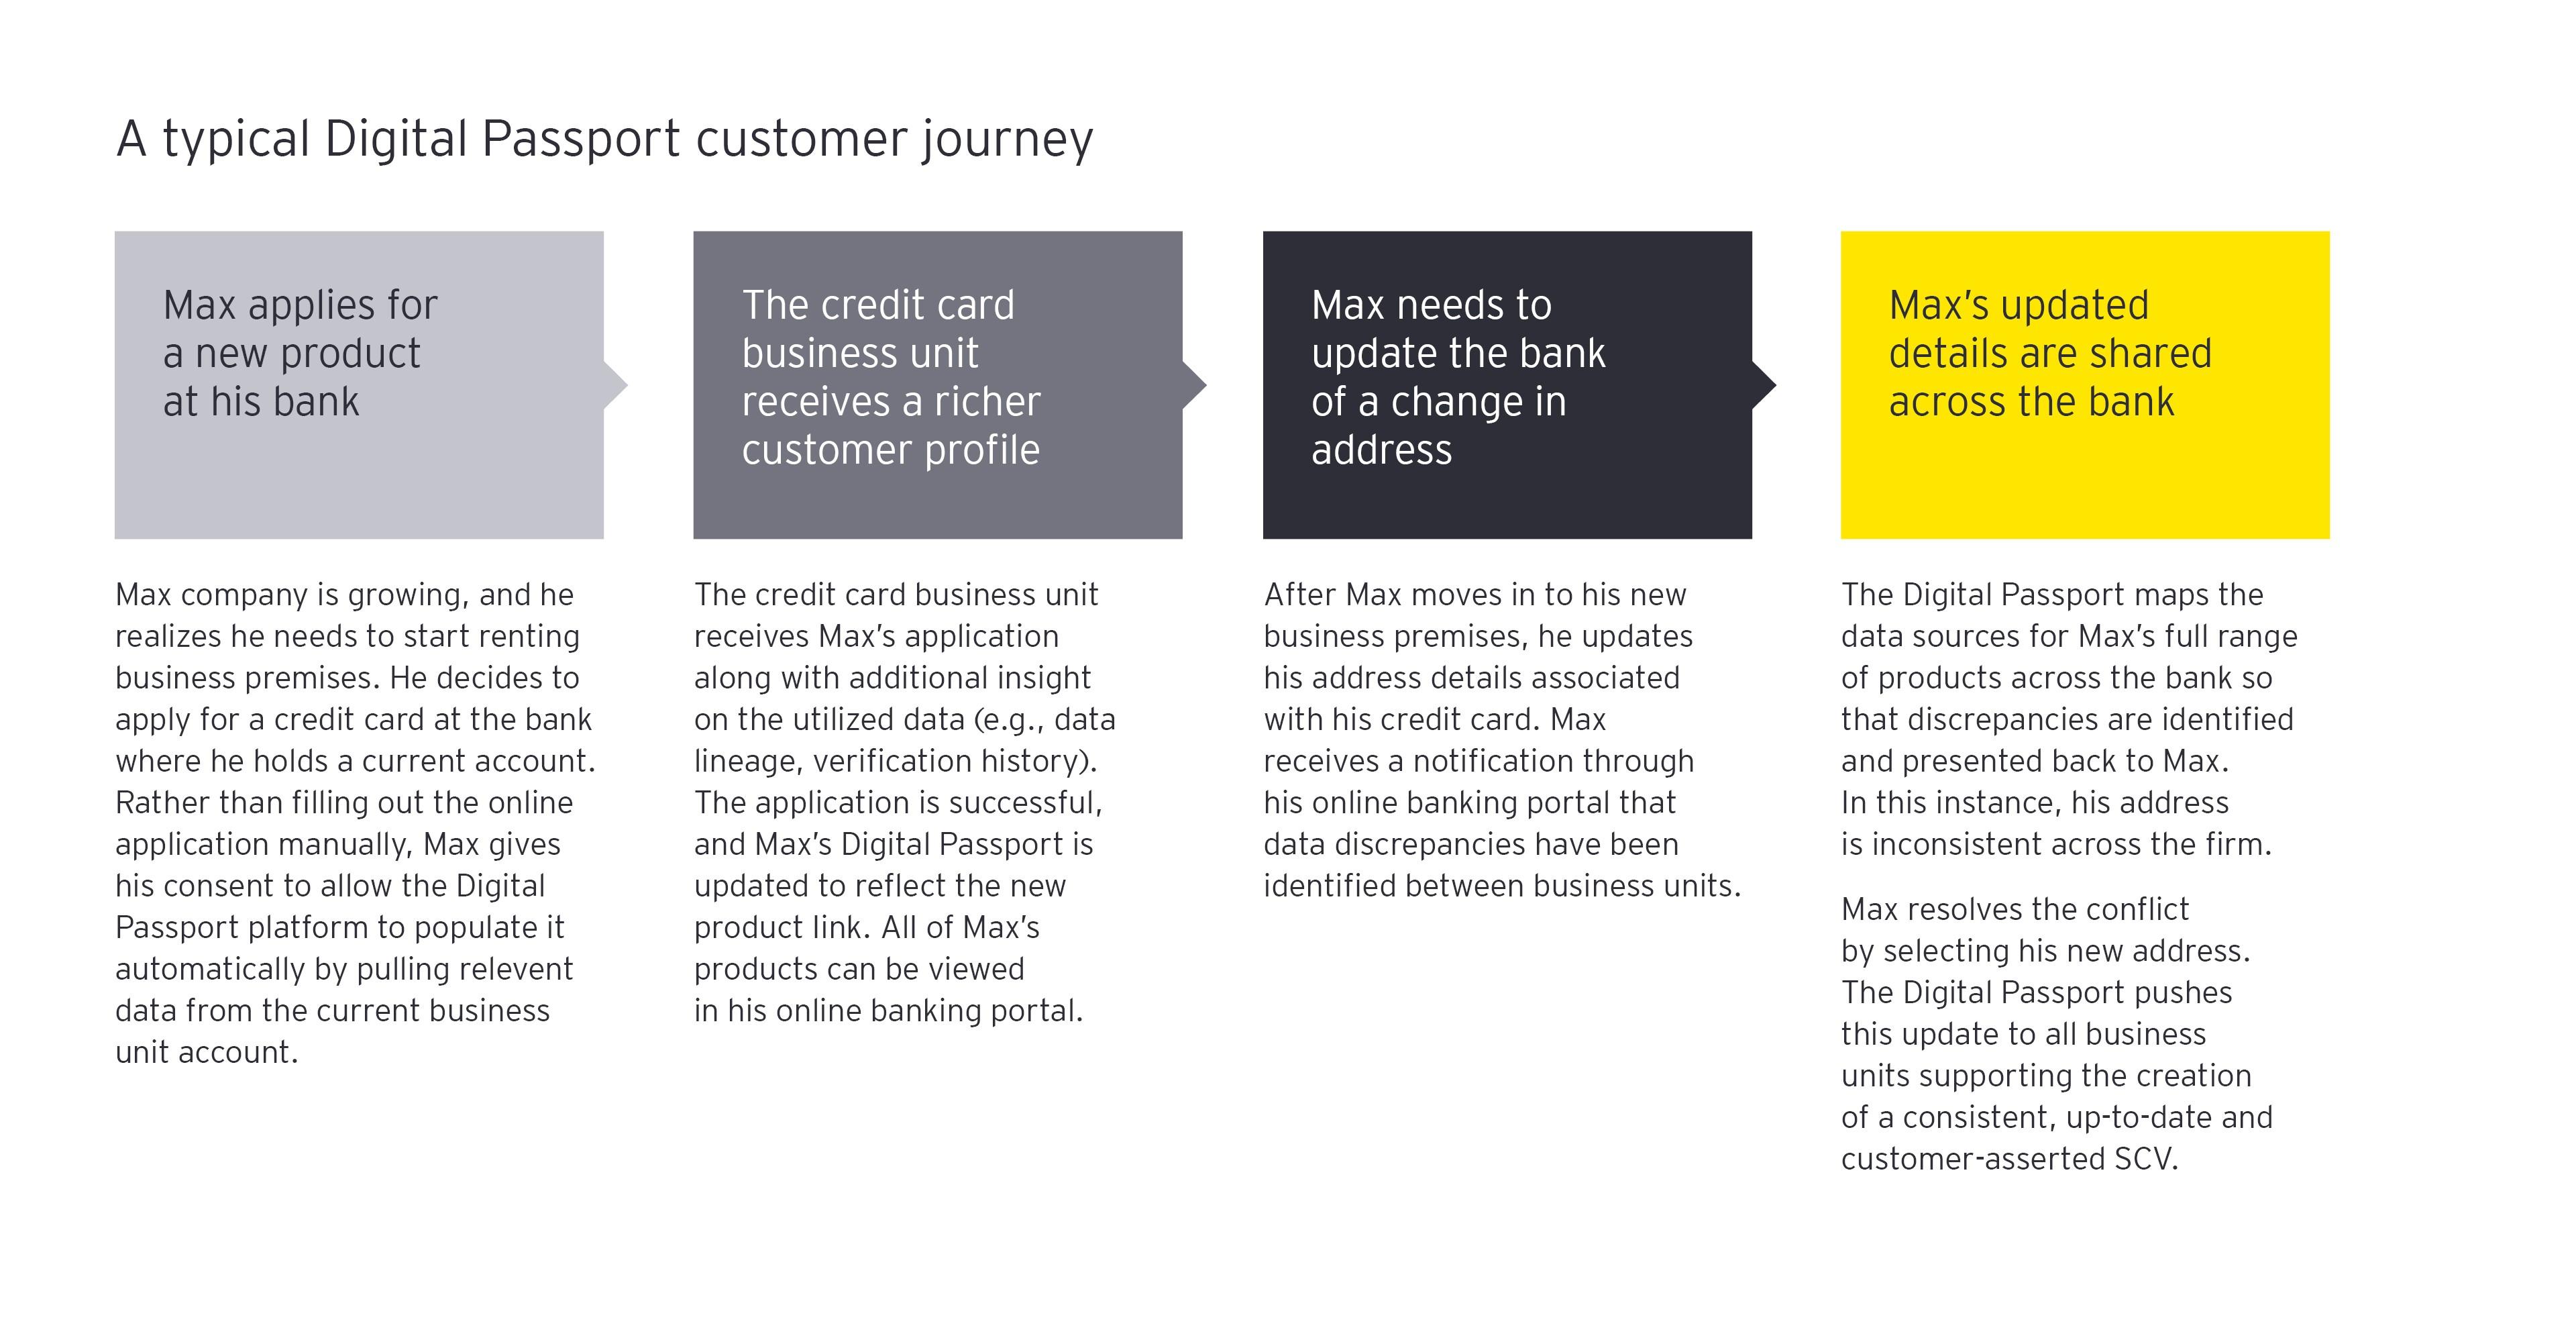 Uma viagem típica de um cliente com passaporte digital